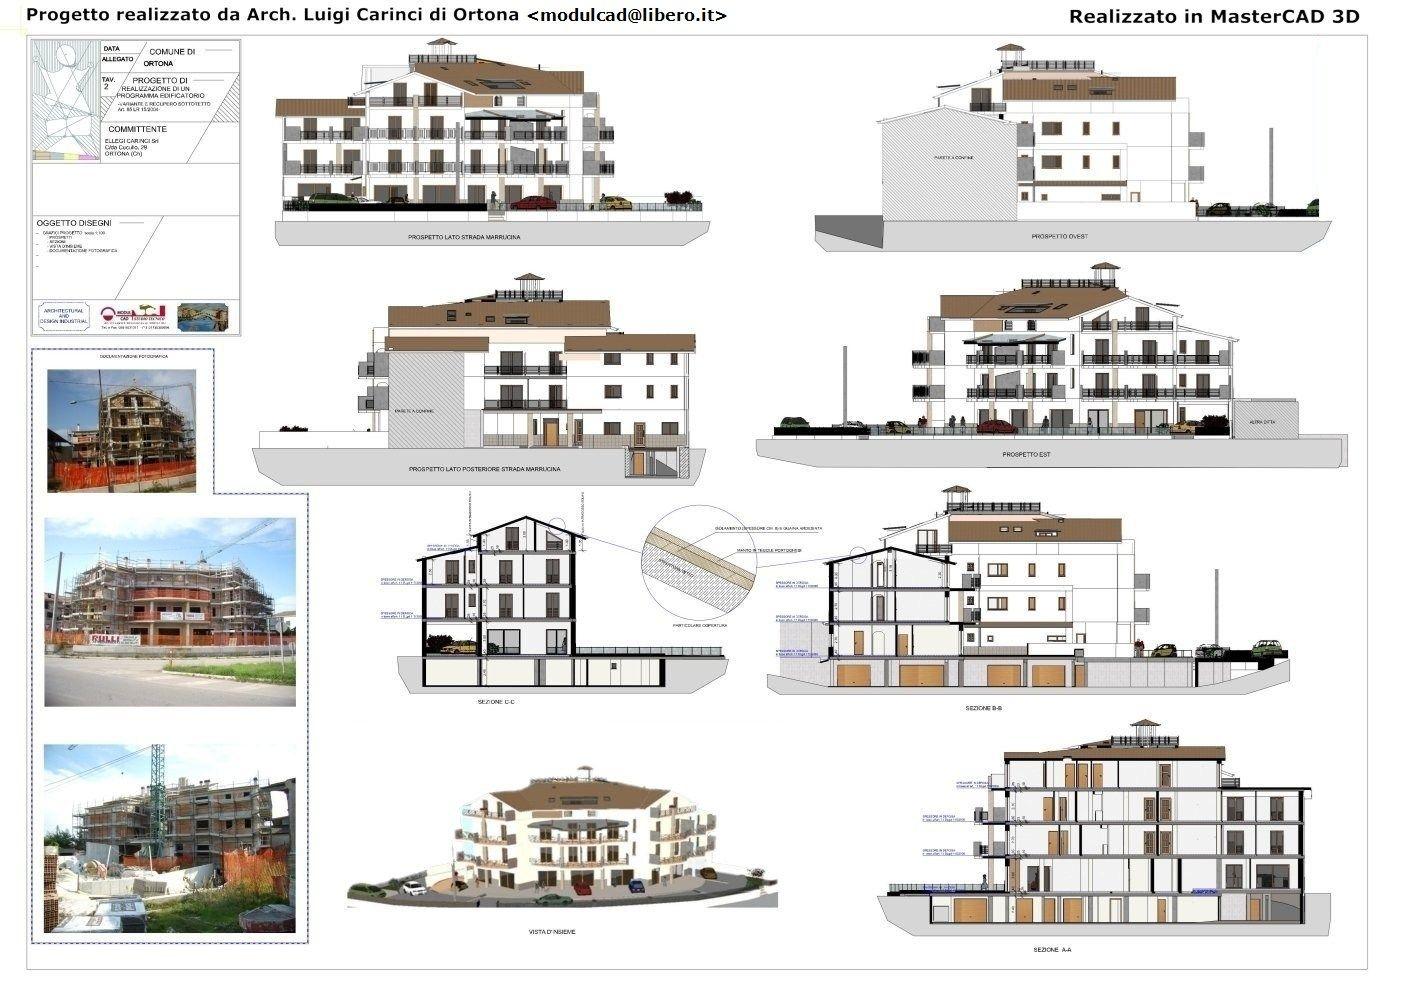 Progettazione cad 2d 3d con rendering mastercad 3d by for Esempi di disegni di planimetrie della casa